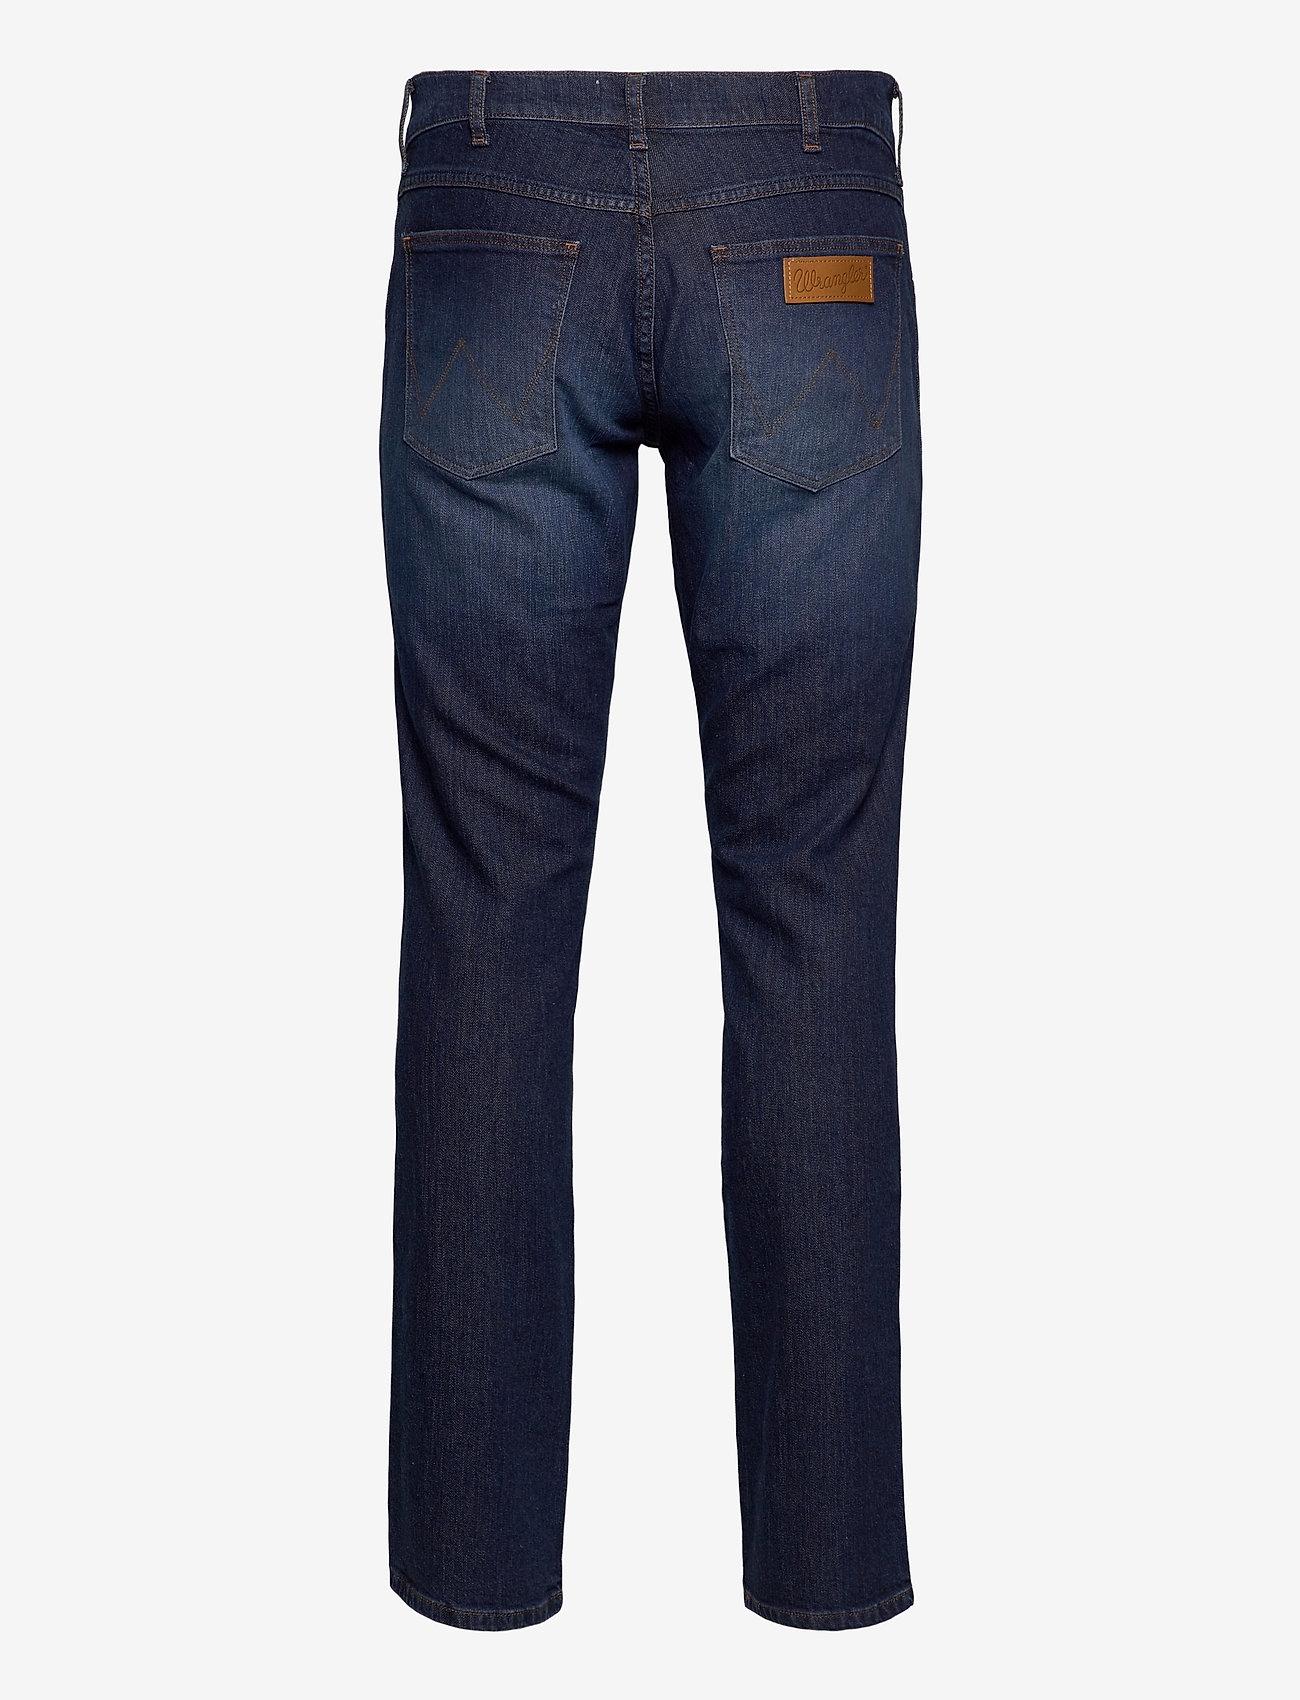 Wrangler GREENSBORO - Jeans THE OUTLAW - Menn Klær